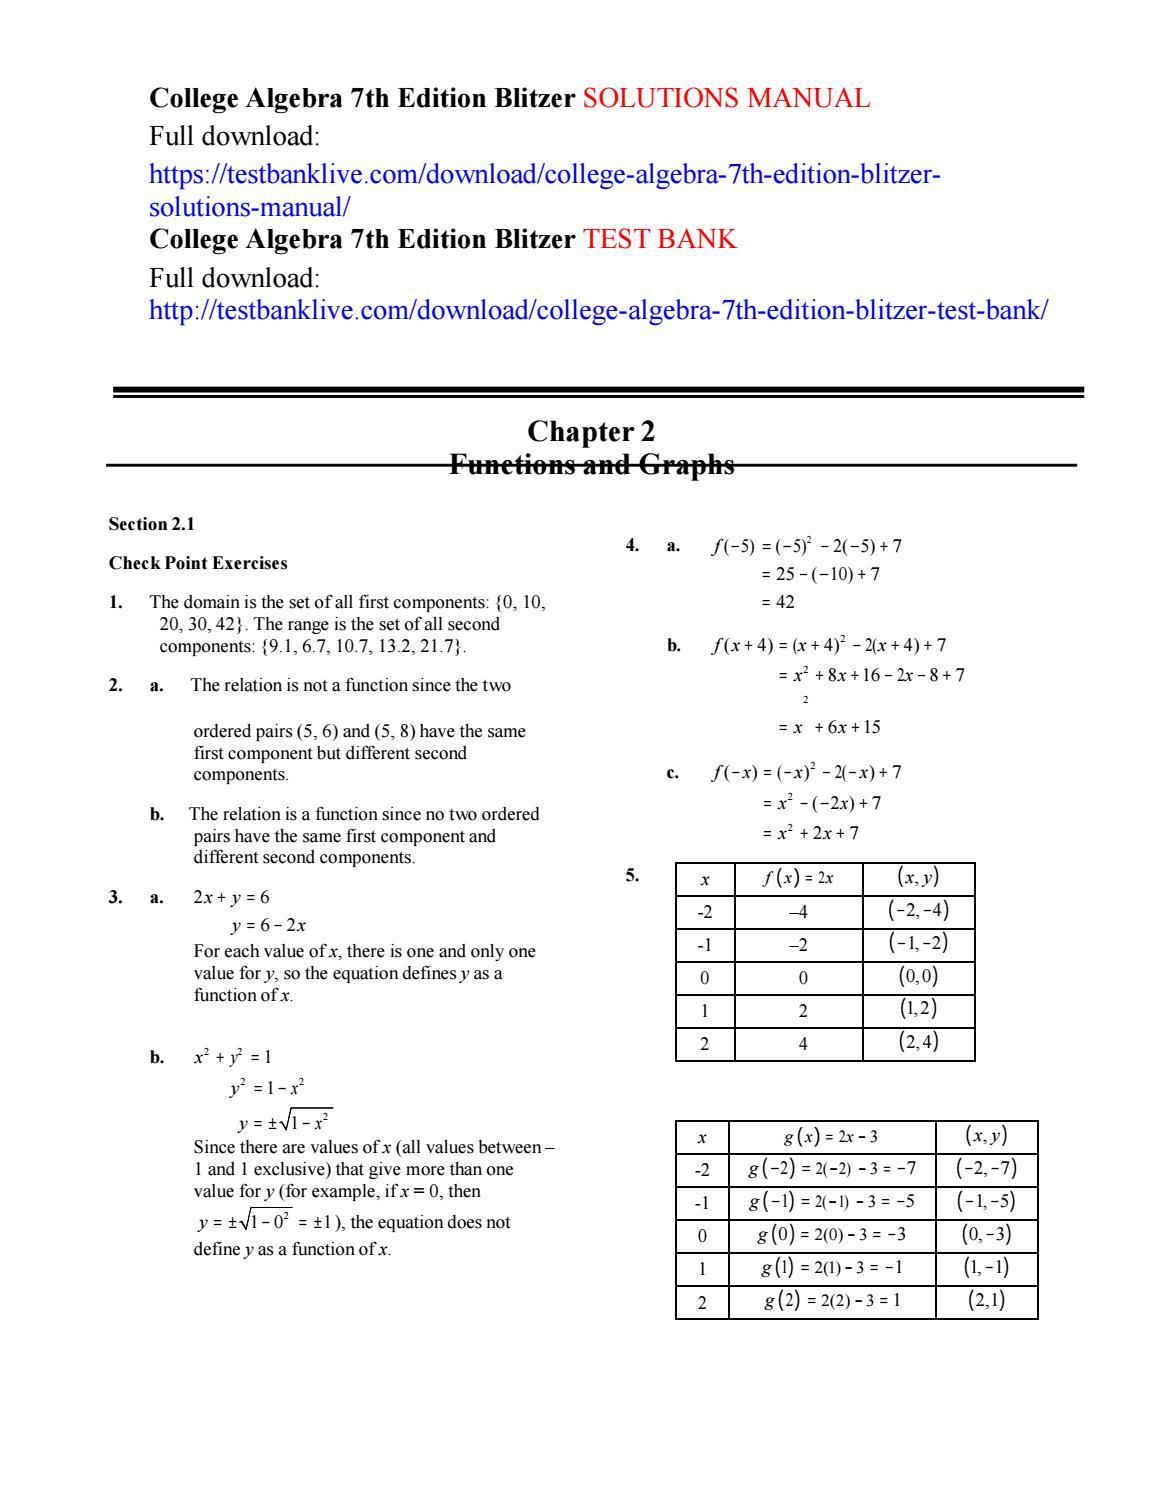 College algebra 7th edition blitzer solutions manual by Tortoradan - issuu